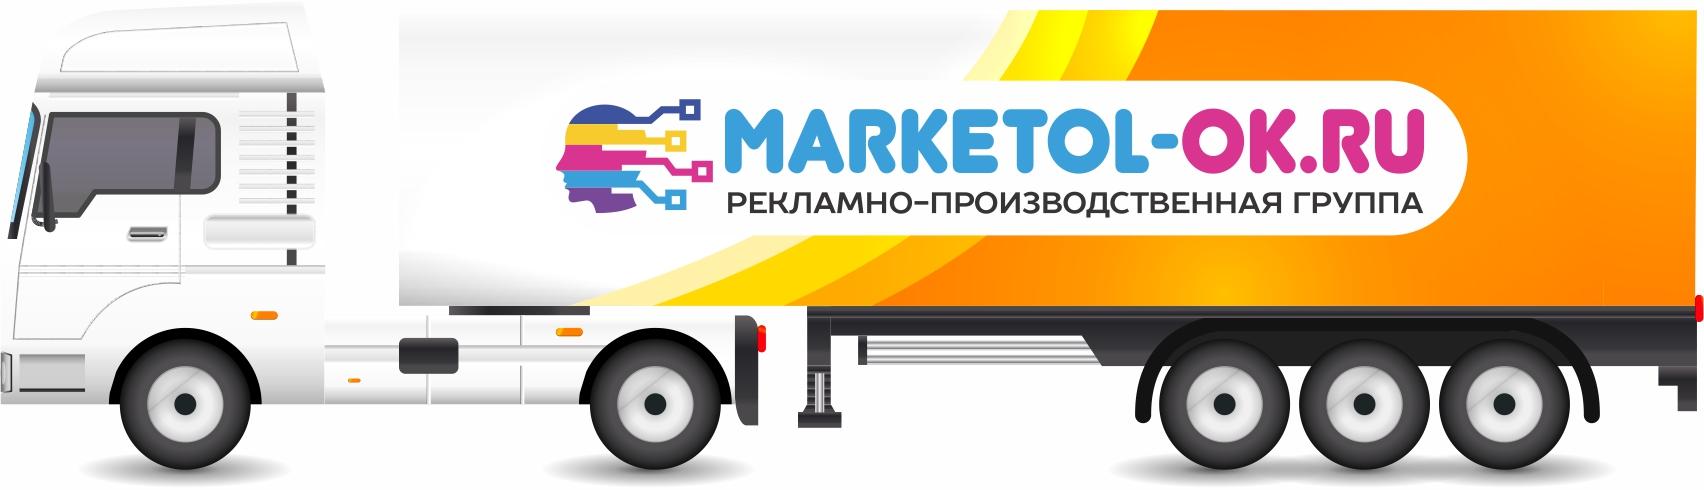 РЕКЛАМА НА ГАЗЕЛЯХ И ФУРГОНАХ Оклейка авто, корпоративного транспорта рекламой в Москве и области. СТОИМОСТЬ БРЕНДИРОВАНИЯ, ОКЛЕЙКИ ФУРГОНА в МОСКВЕ